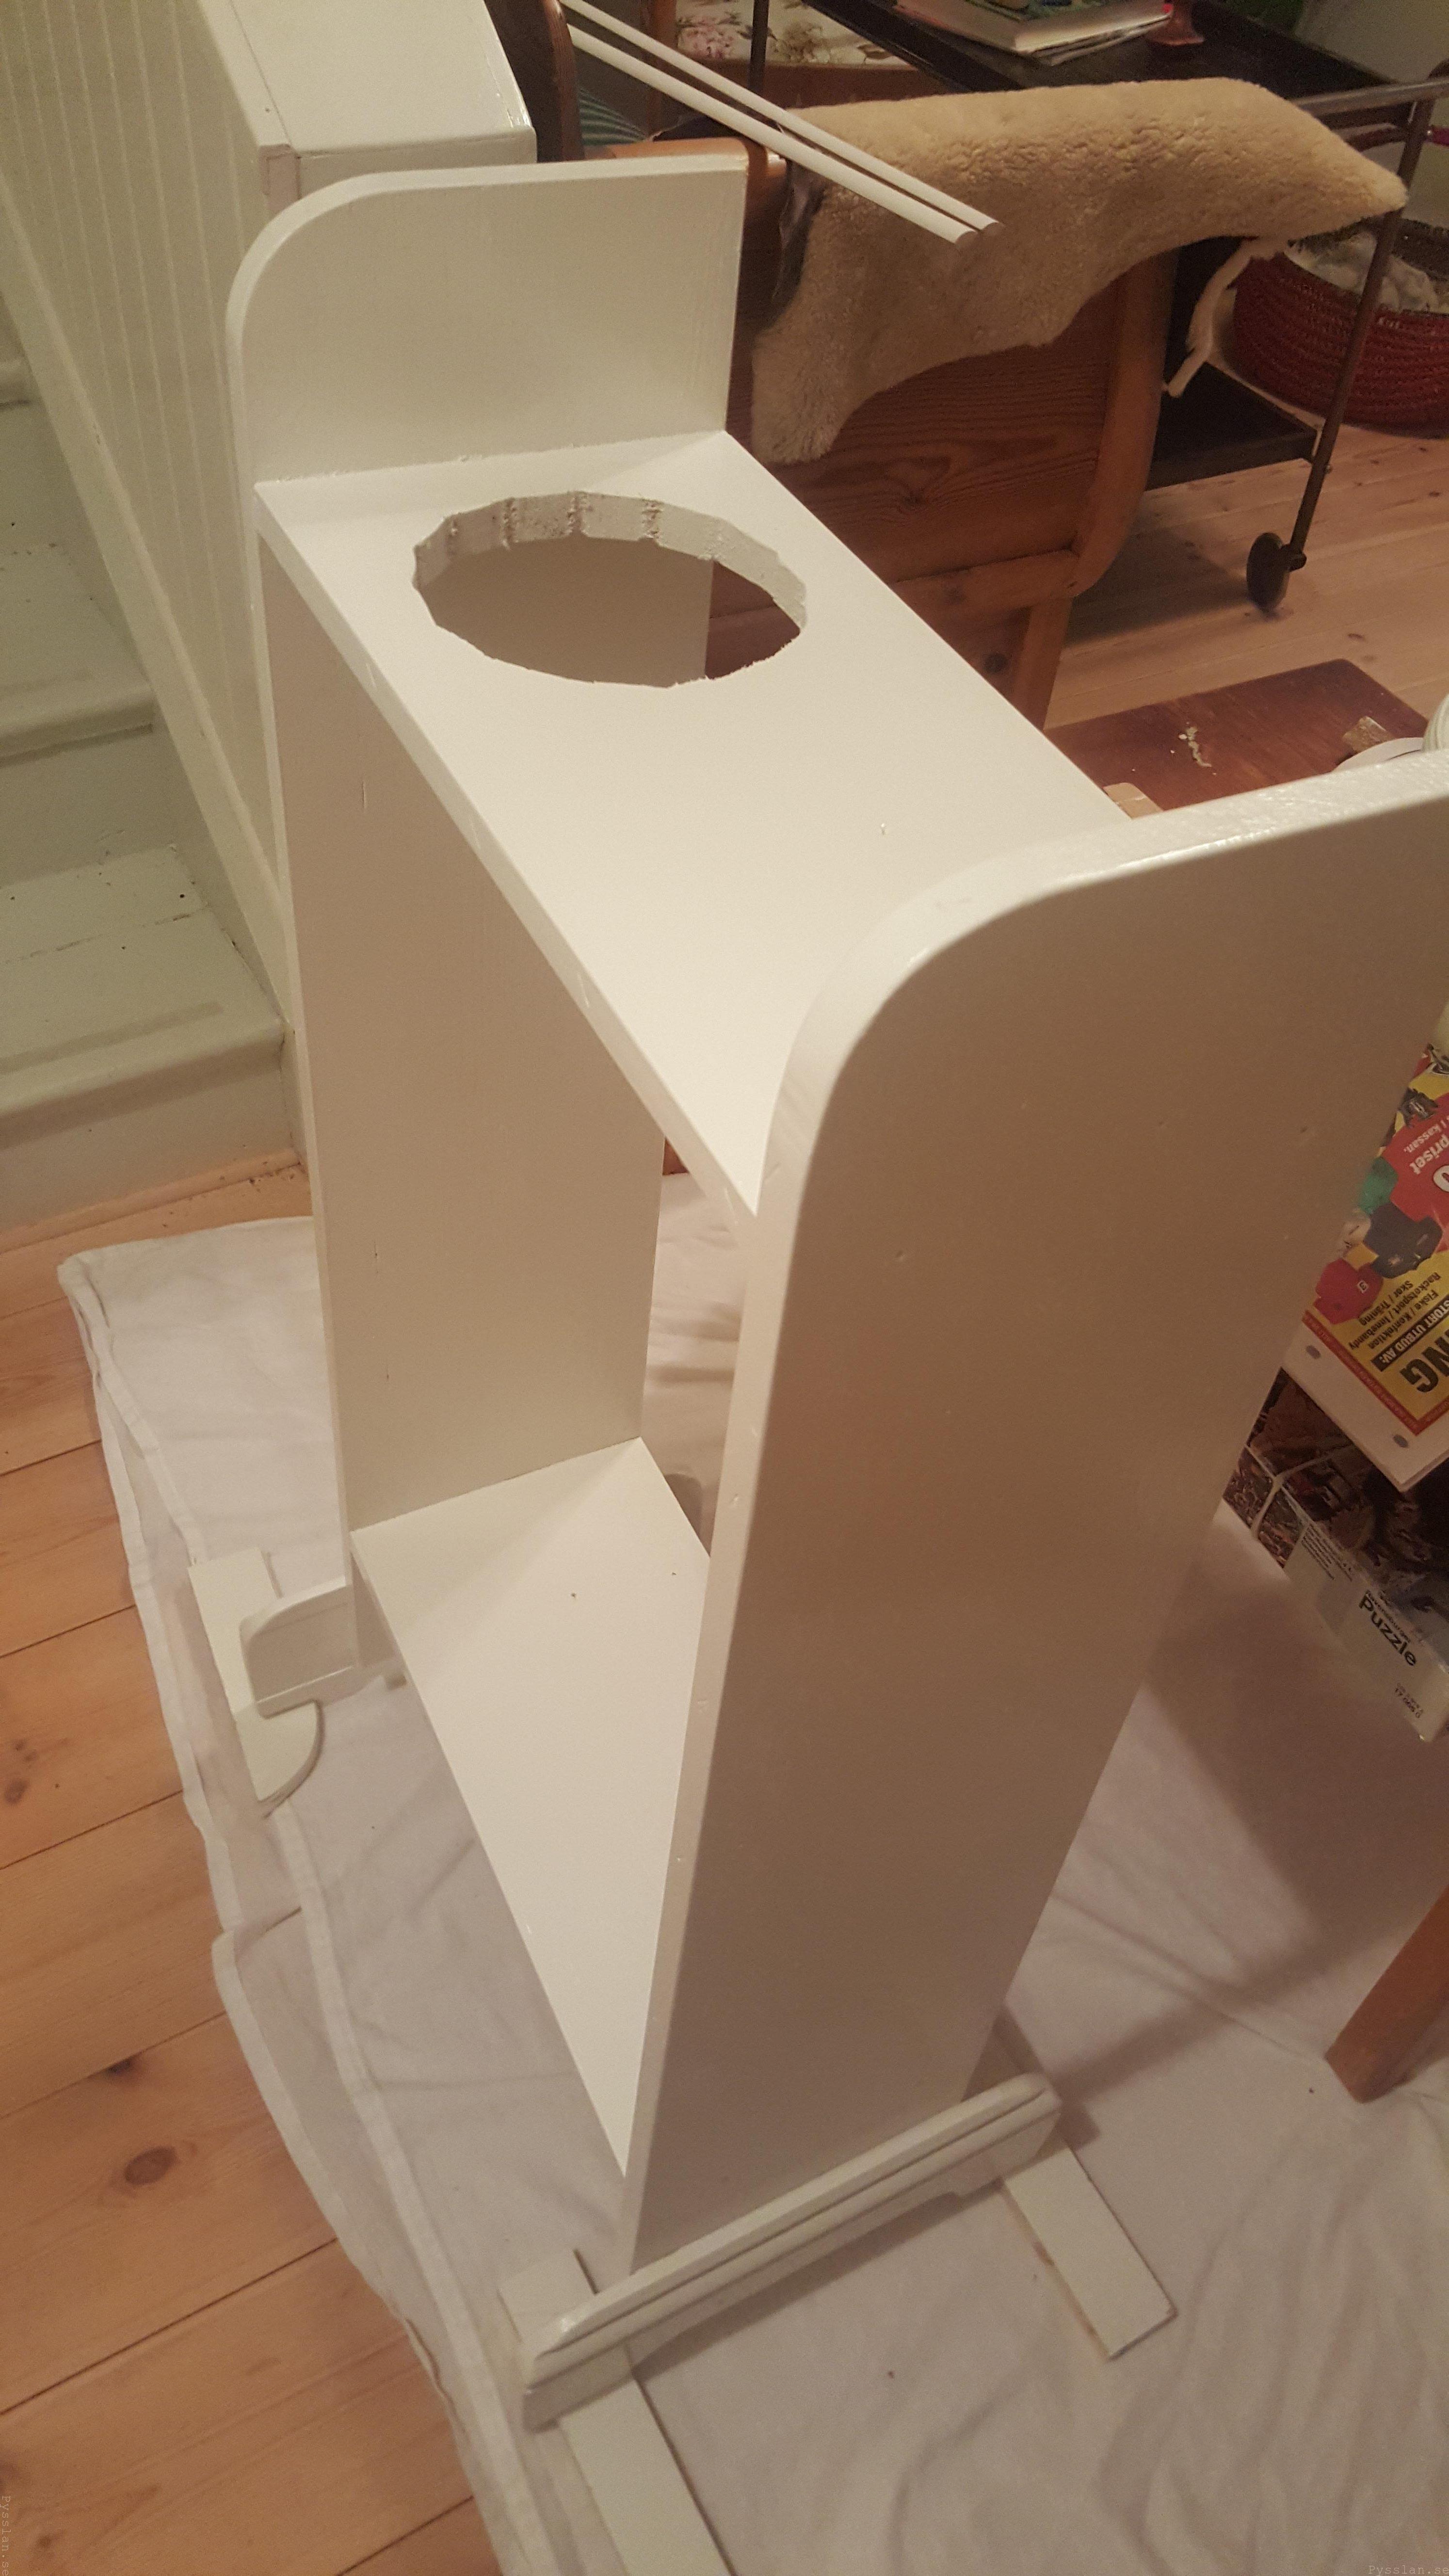 Enkel och praktisk vedförvaring villasmultronbacken pysslanblogg förvaring tändved fetved